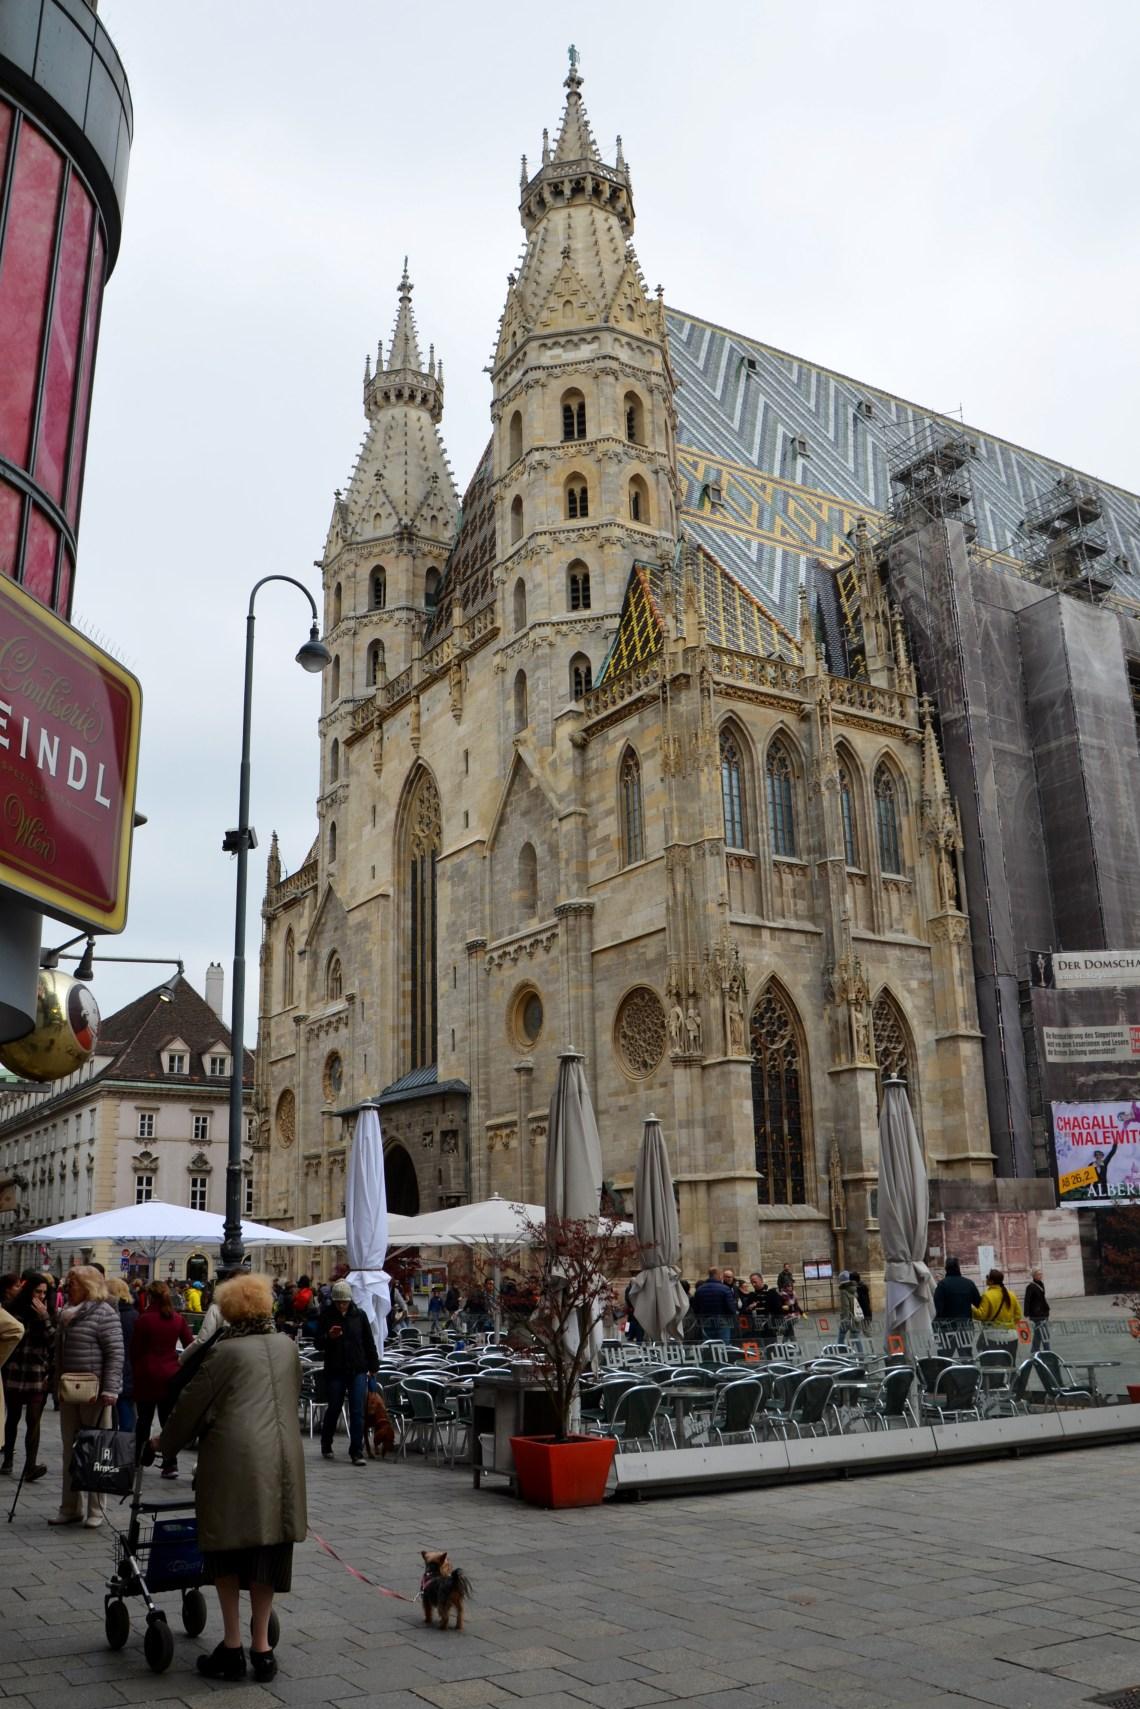 catedral de são estevão - viena - austria - pontos turisticos